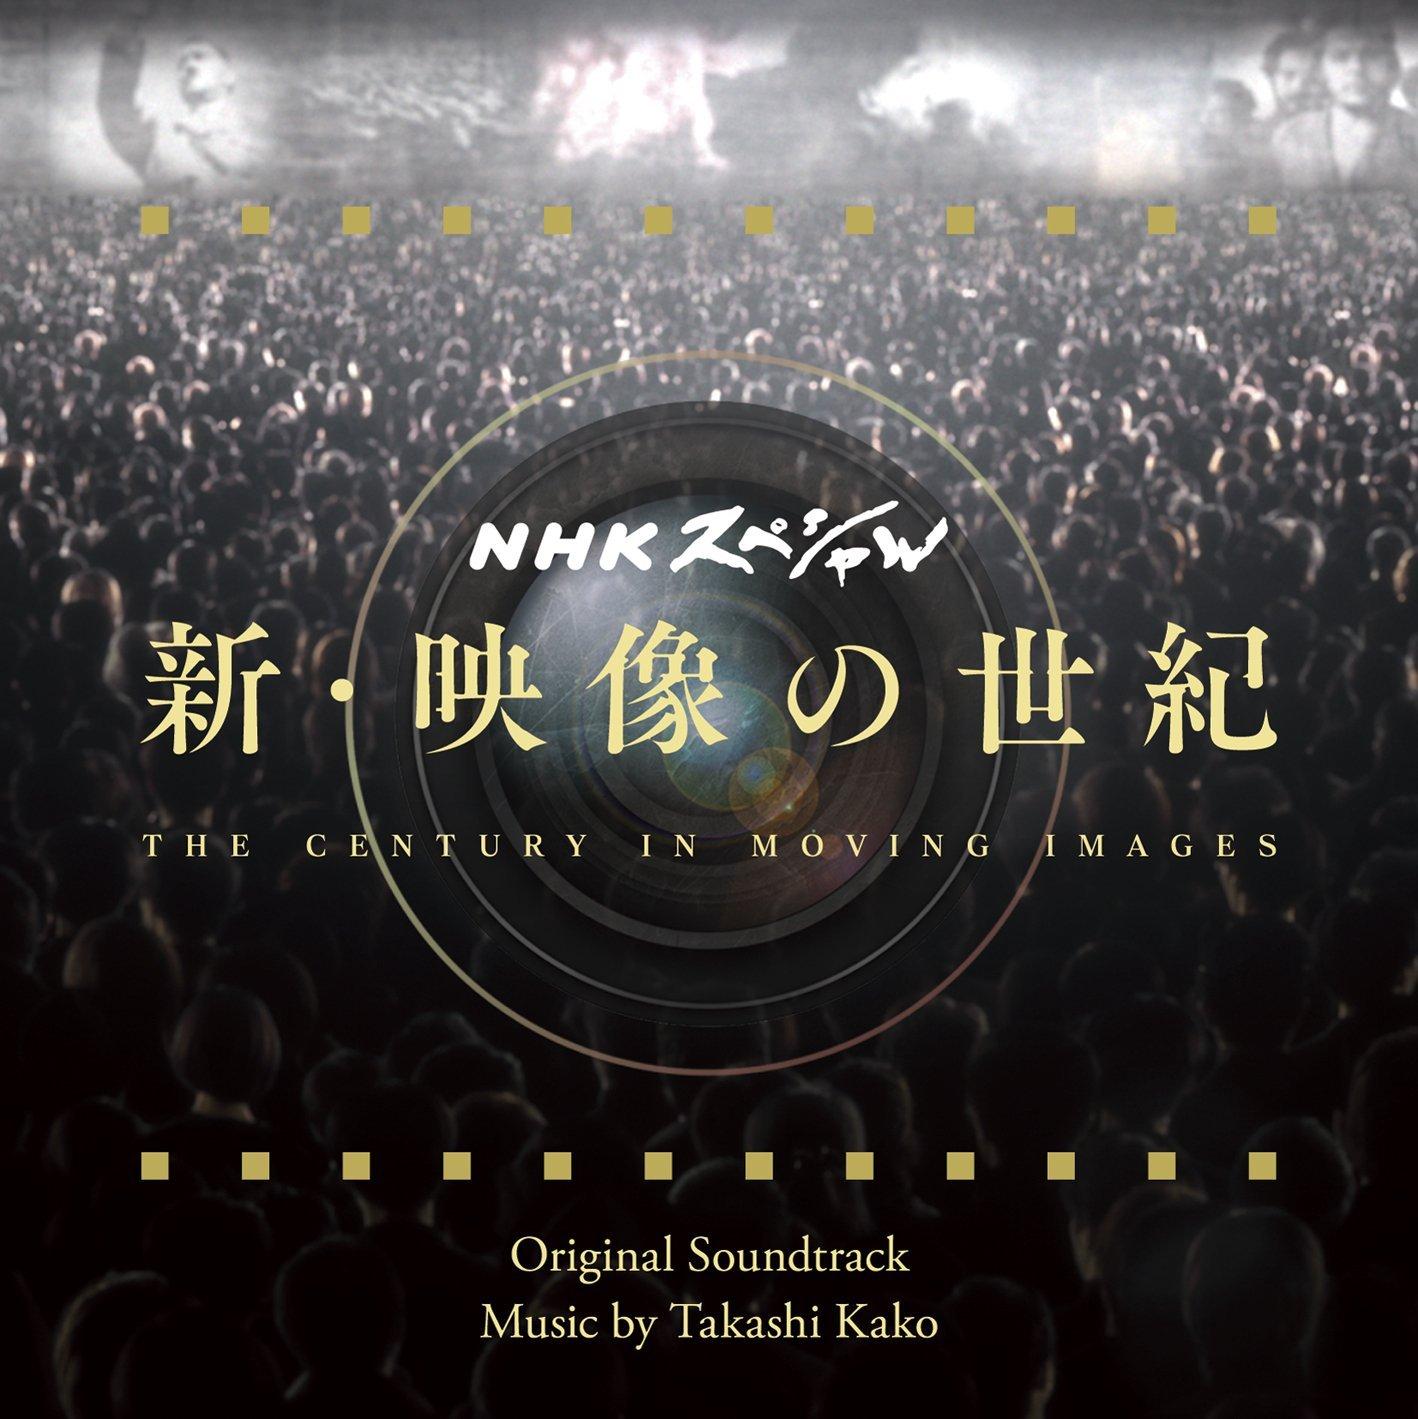 下野竜也&NHK交響楽団の《新・映像の世紀》オリジナル・サウンドトラック発売中!